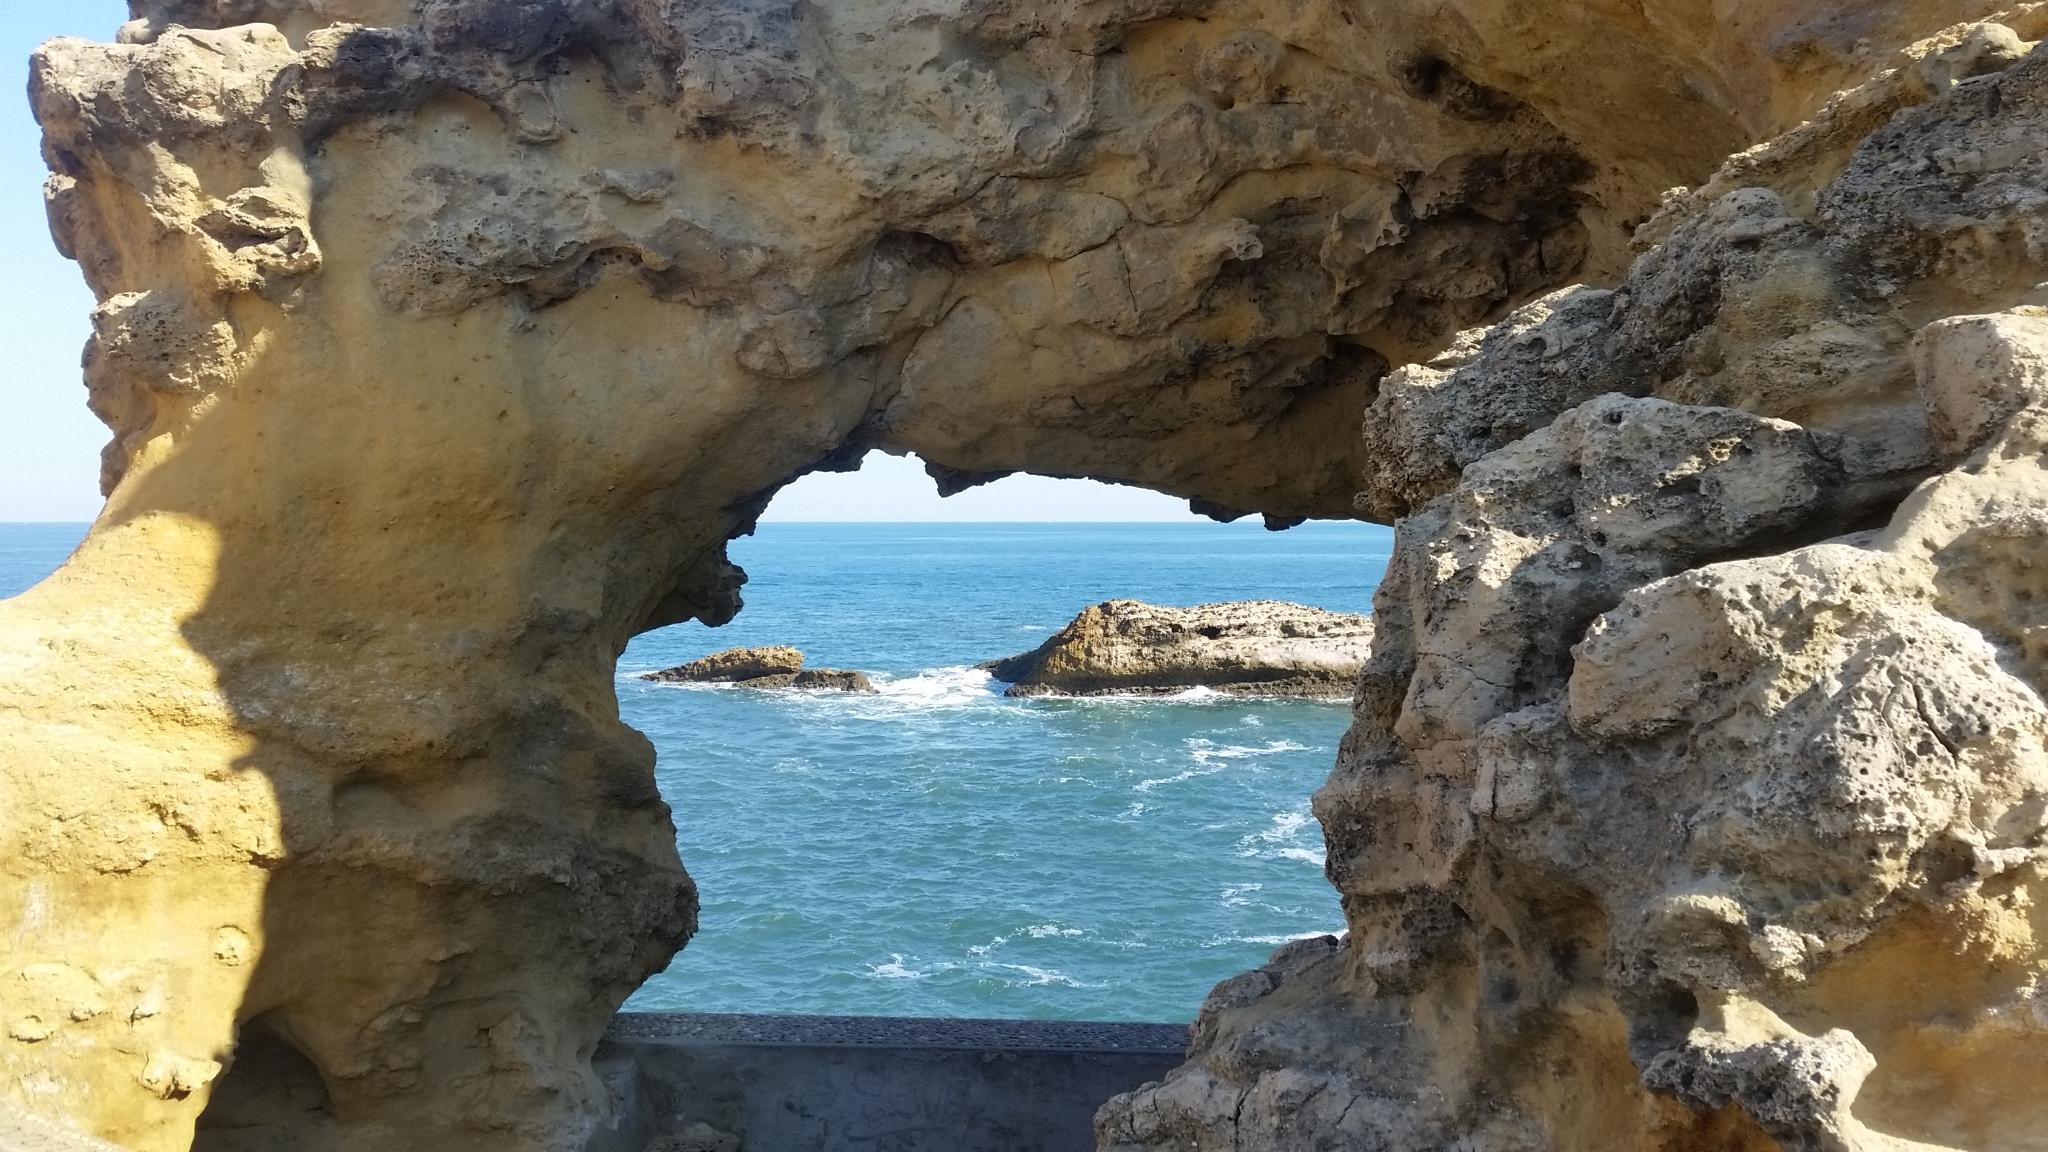 Biarritz Scenic View